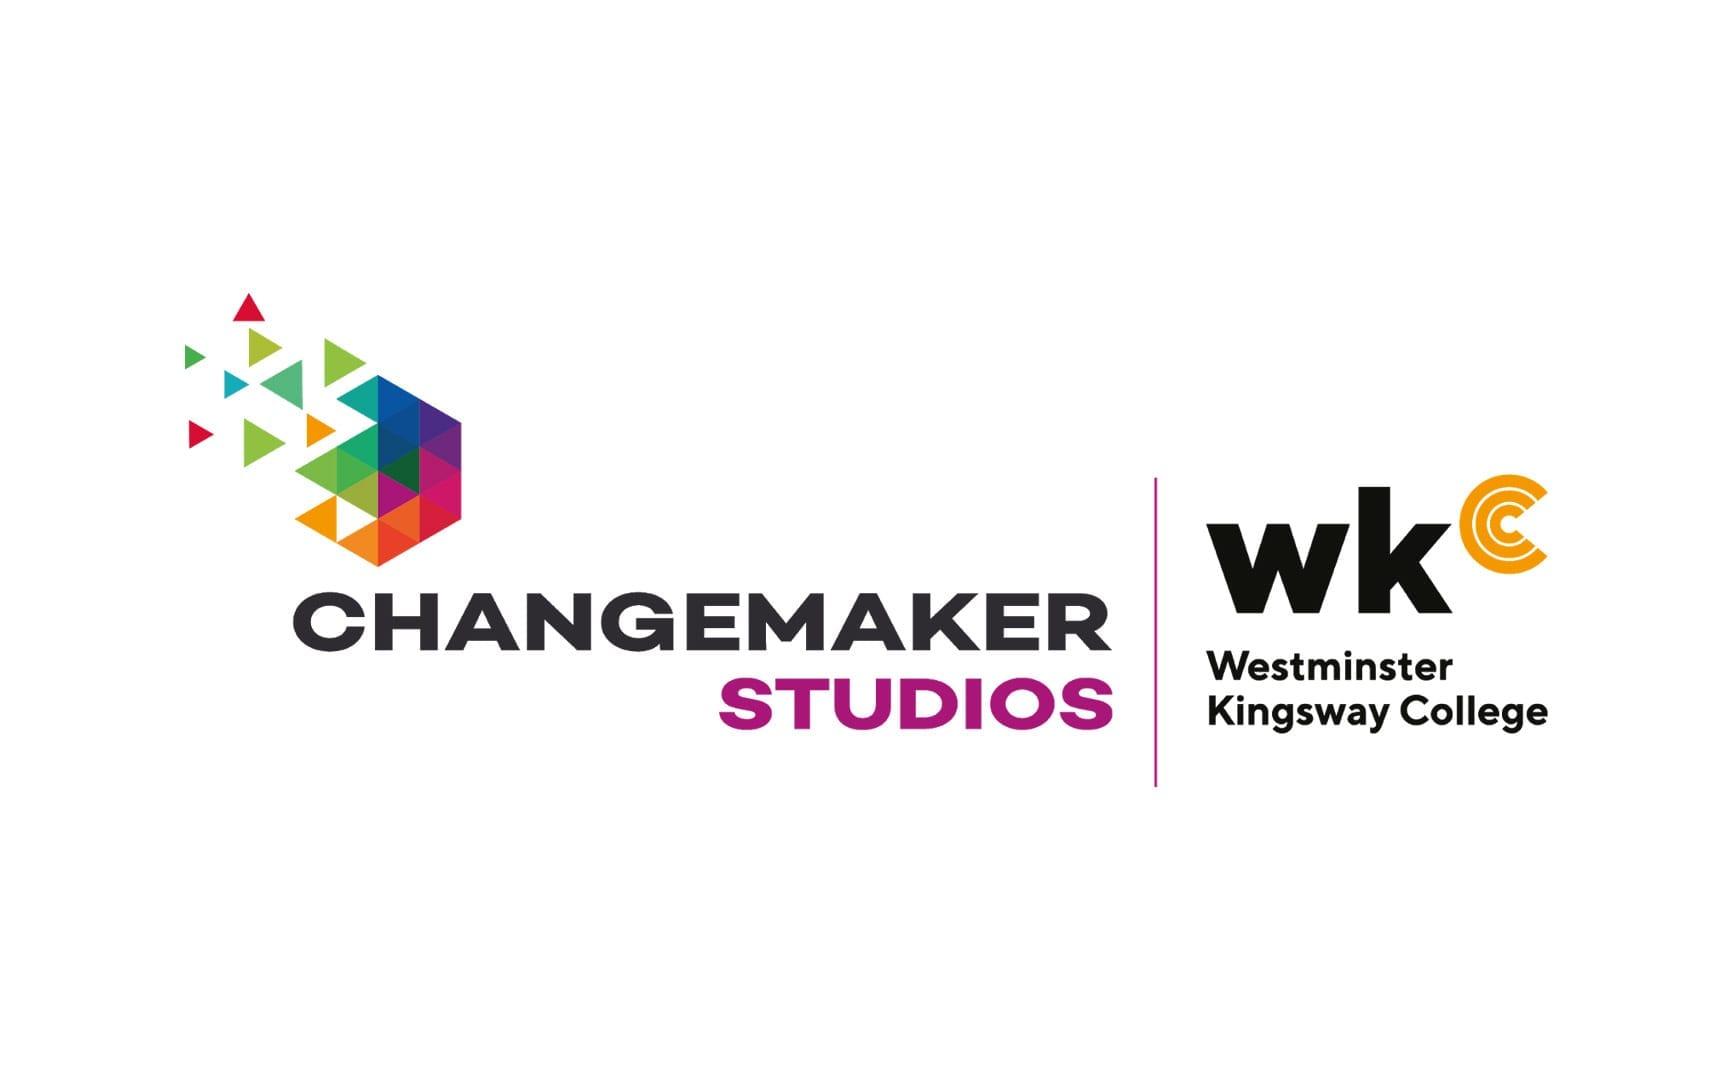 Changemaker Studios